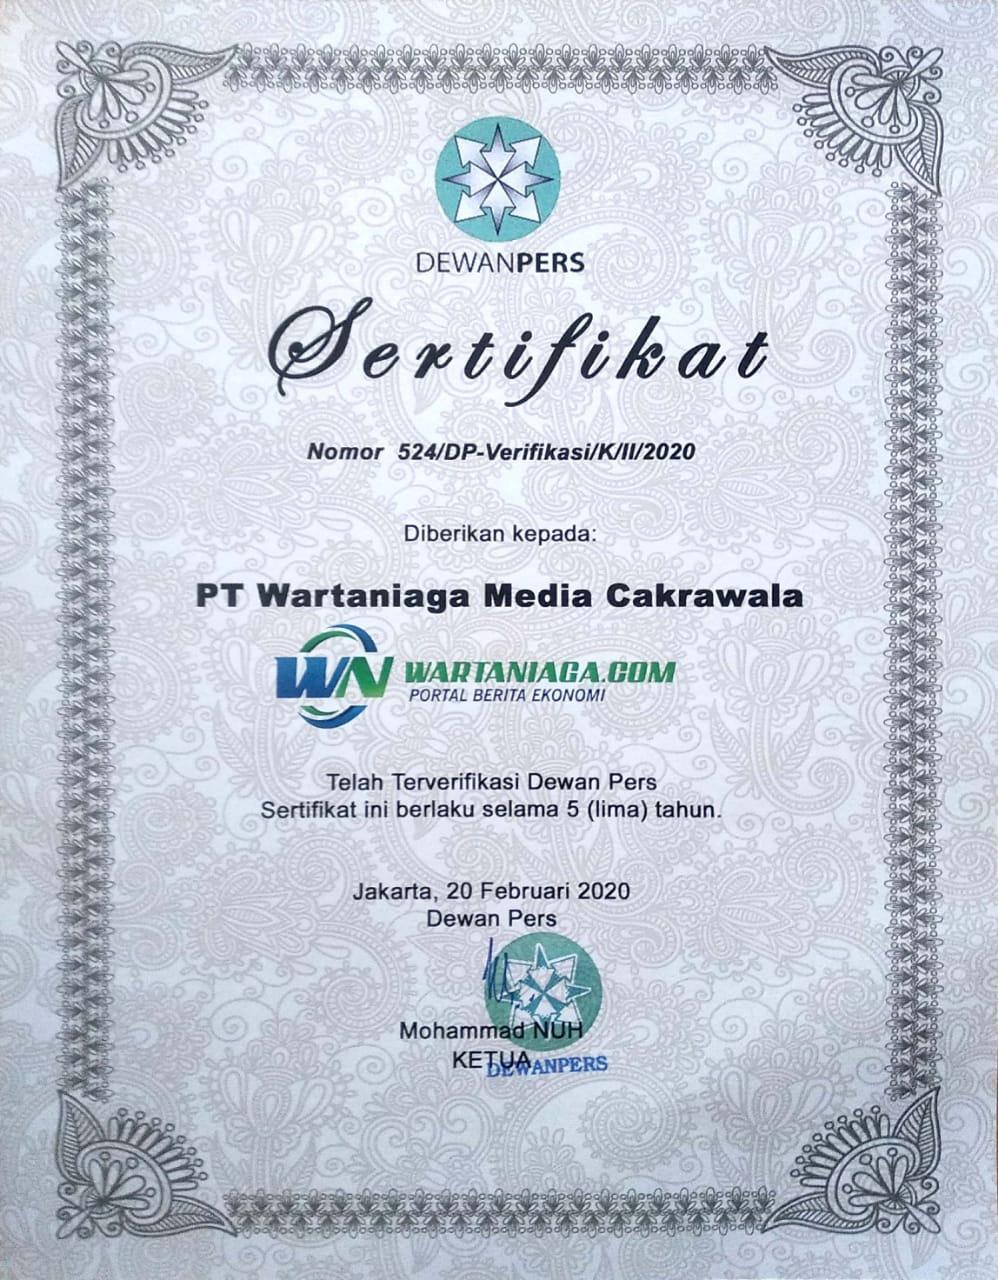 sertifikat dewan pers